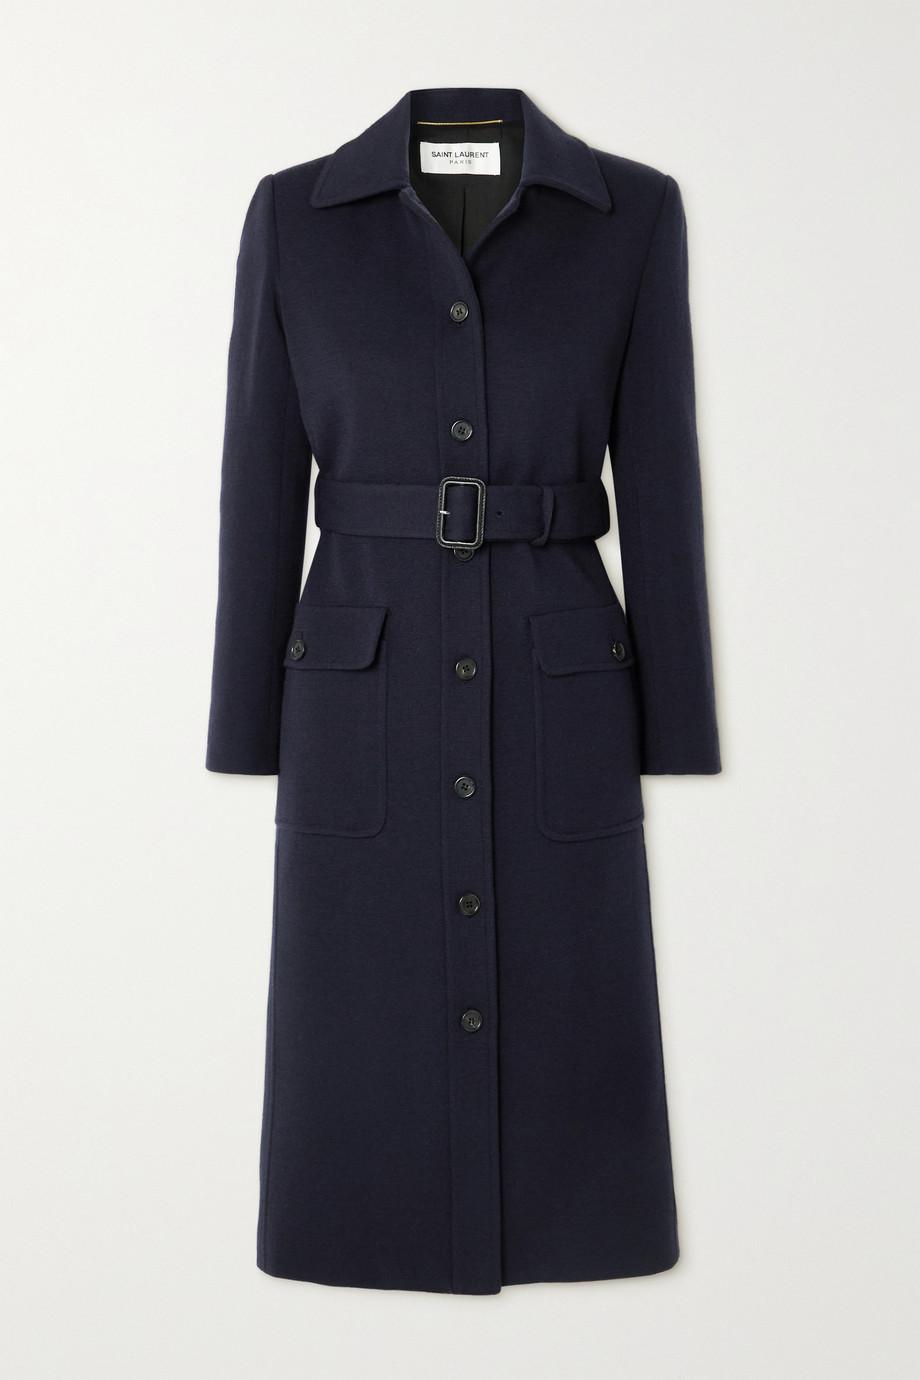 SAINT LAURENT Manteau en laine mélangée à ceinture